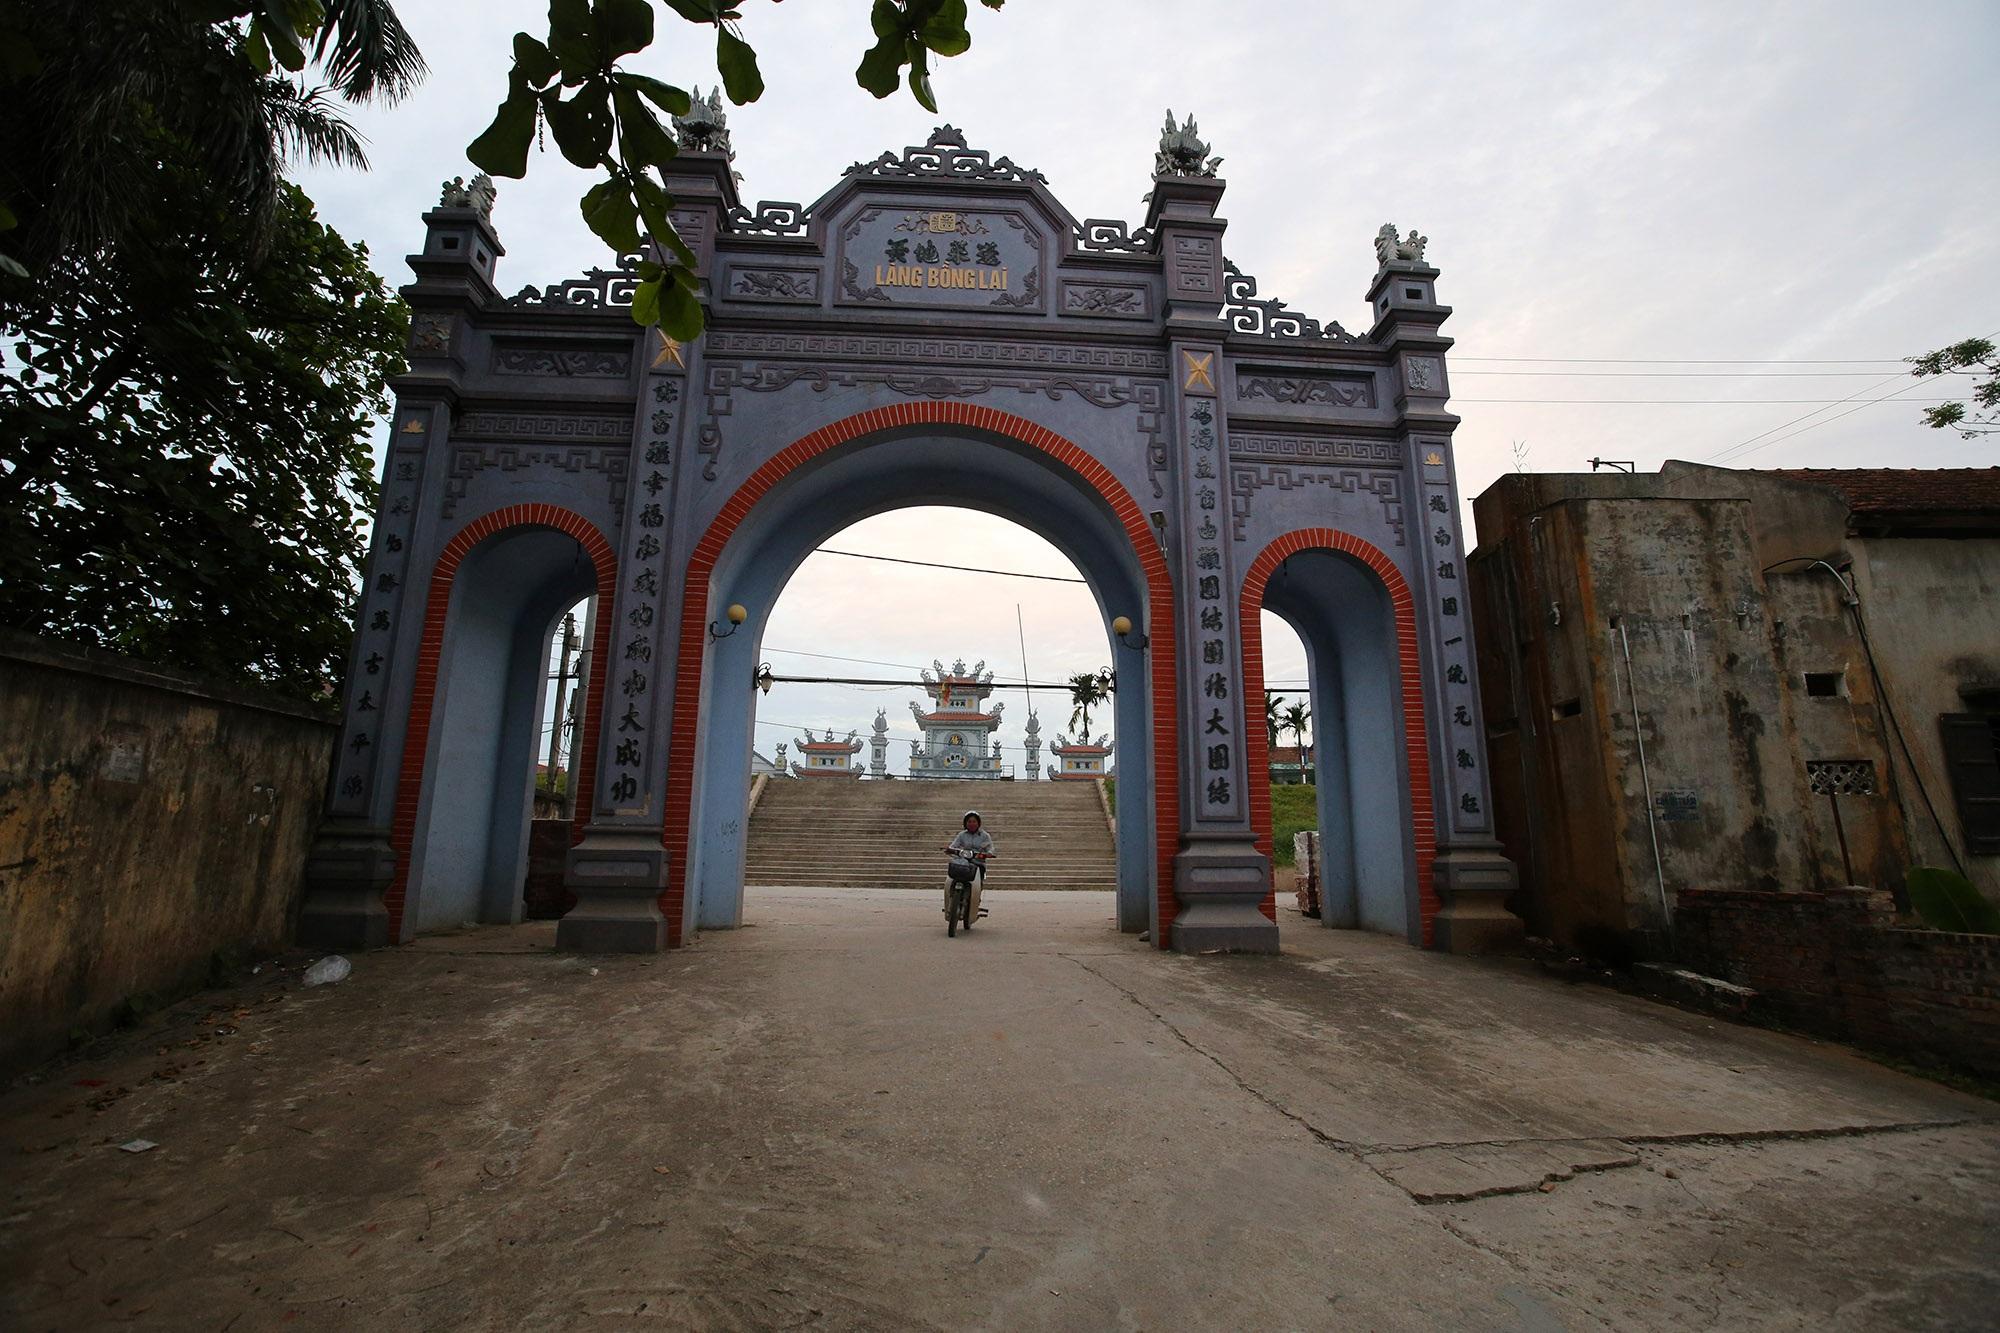 Vùng đất có nhiều cổng làng khủng - 22